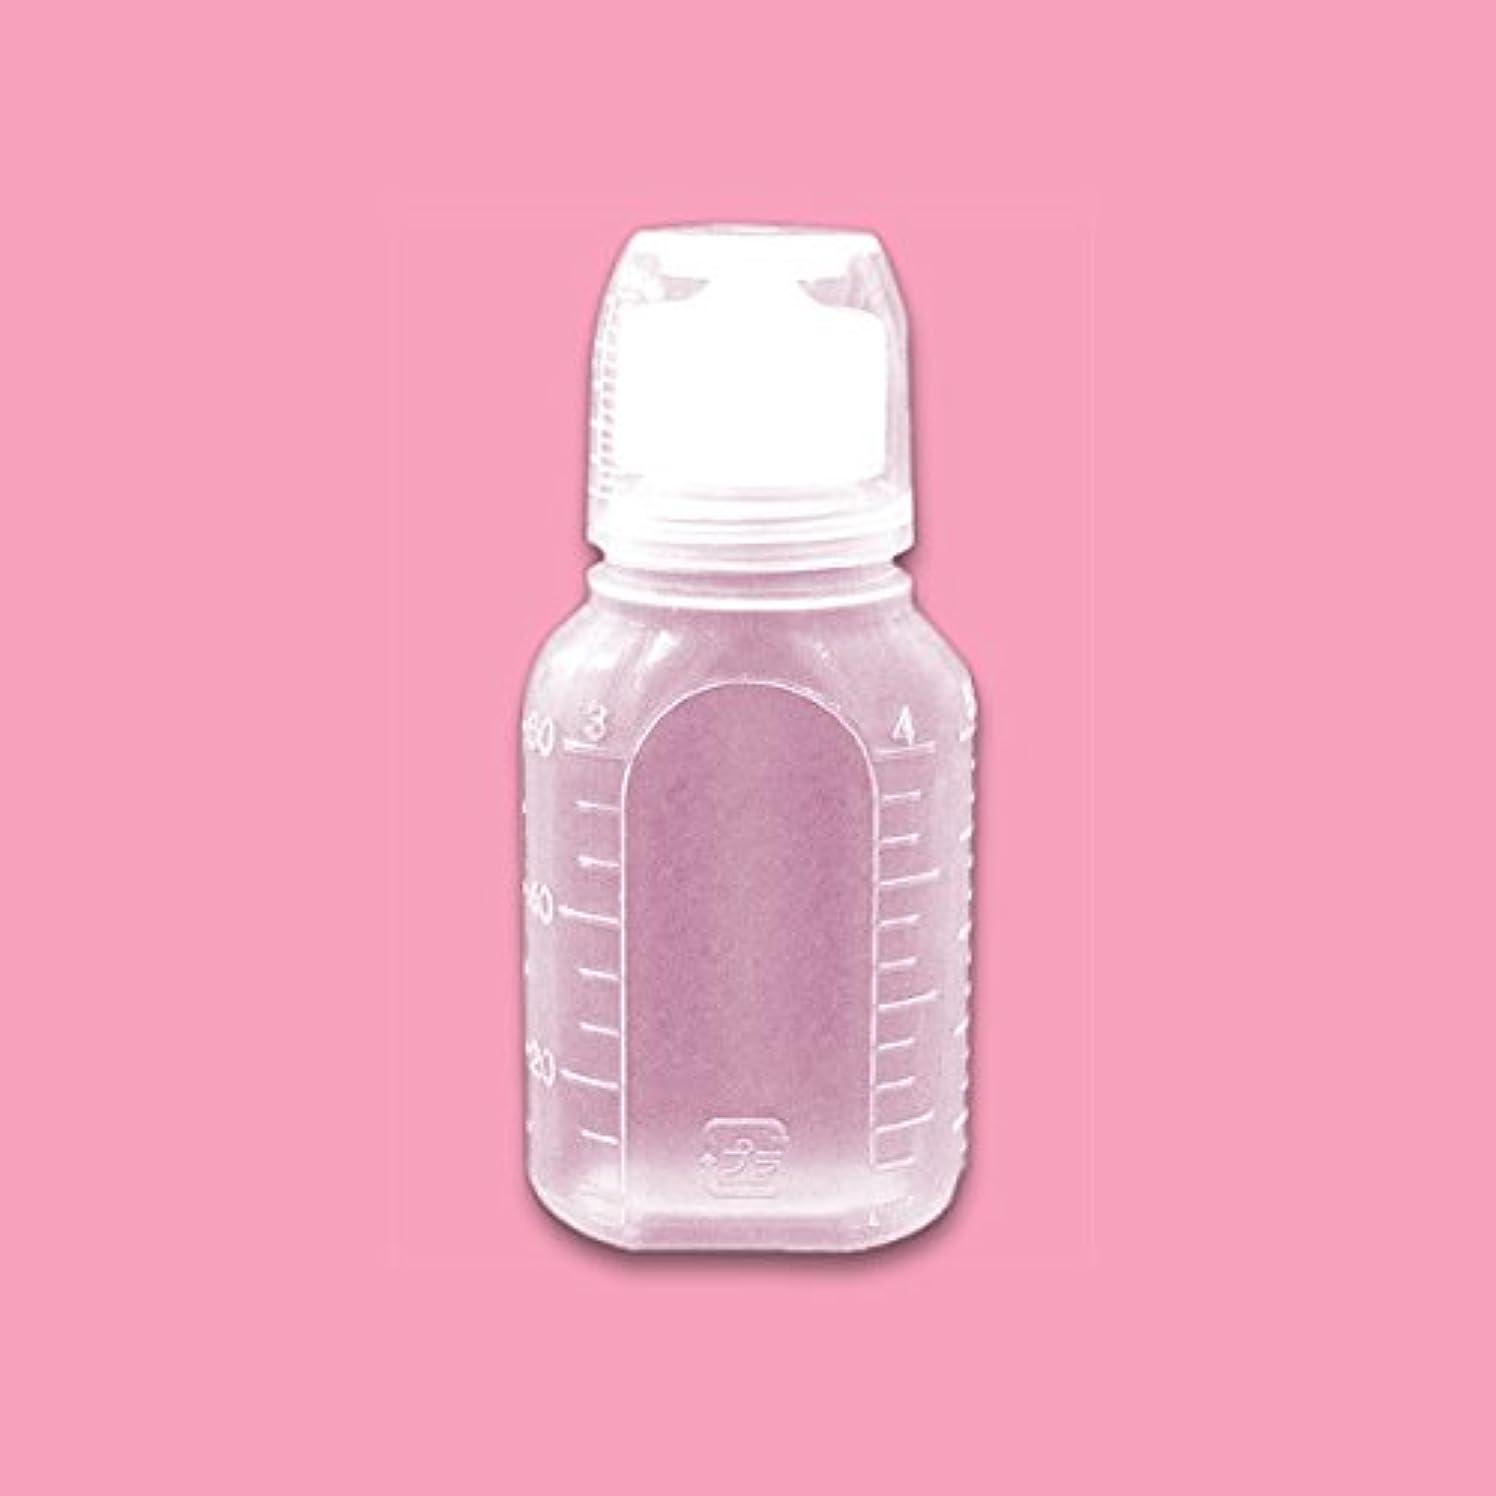 抗生物質趣味移住する液体用空ボトル 60g 5個入 [ 空ボトル 空容器 詰め替え用 うがい薬 ローションボトル サンプル用 ]◆